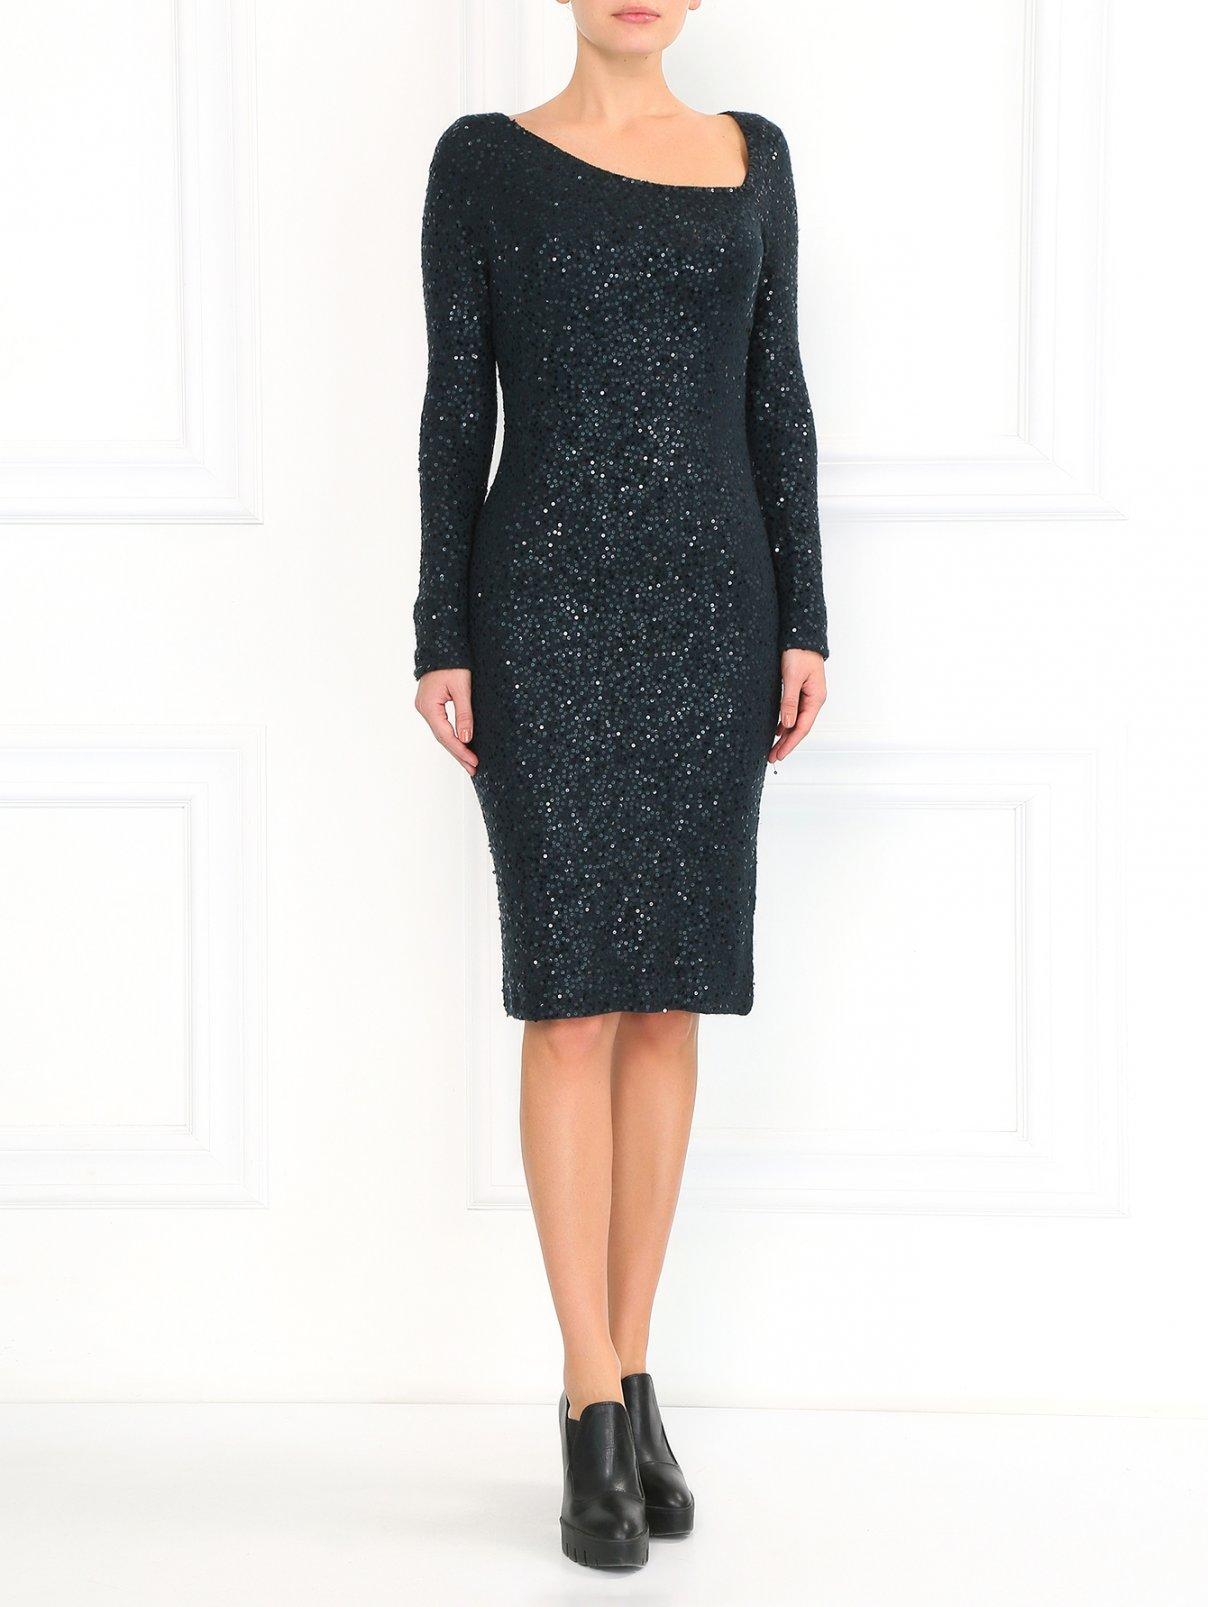 Платье из кашемира и шелка, декорированное пайетками Donna Karan  –  Модель Общий вид